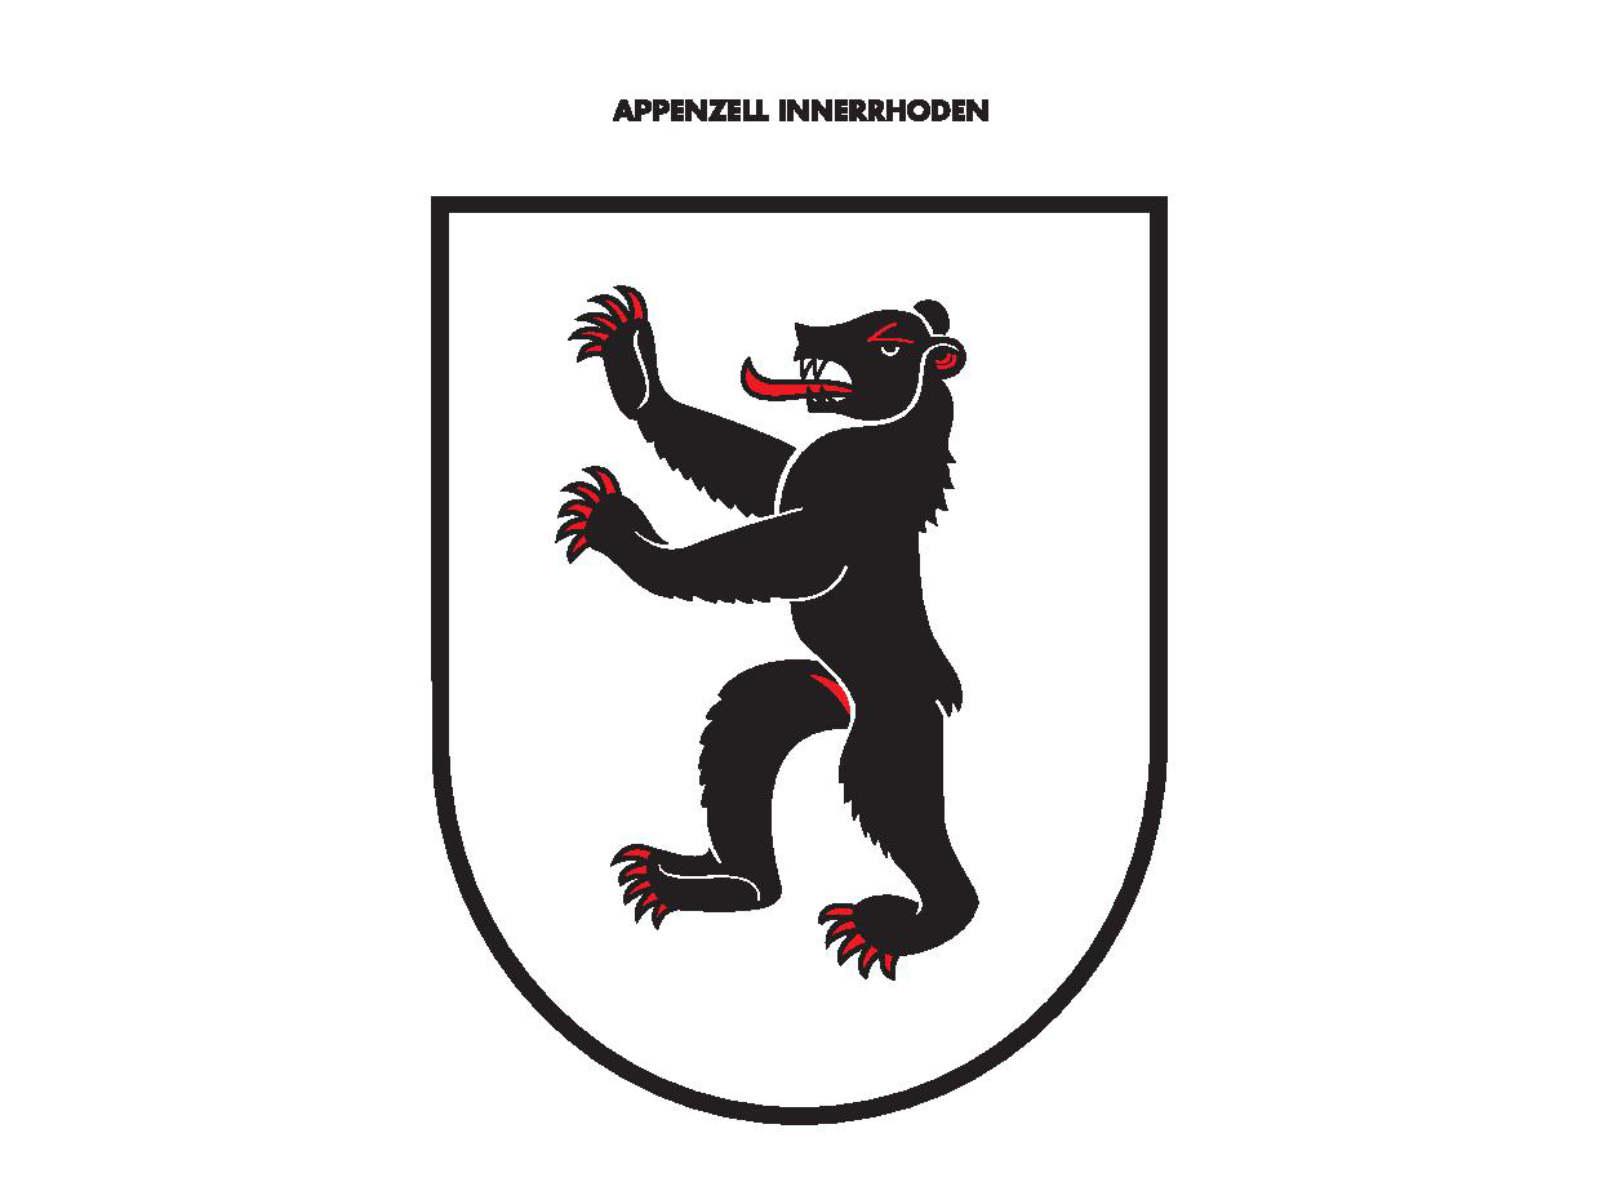 Schweizer Kantone – Appenzell Inerrhoden